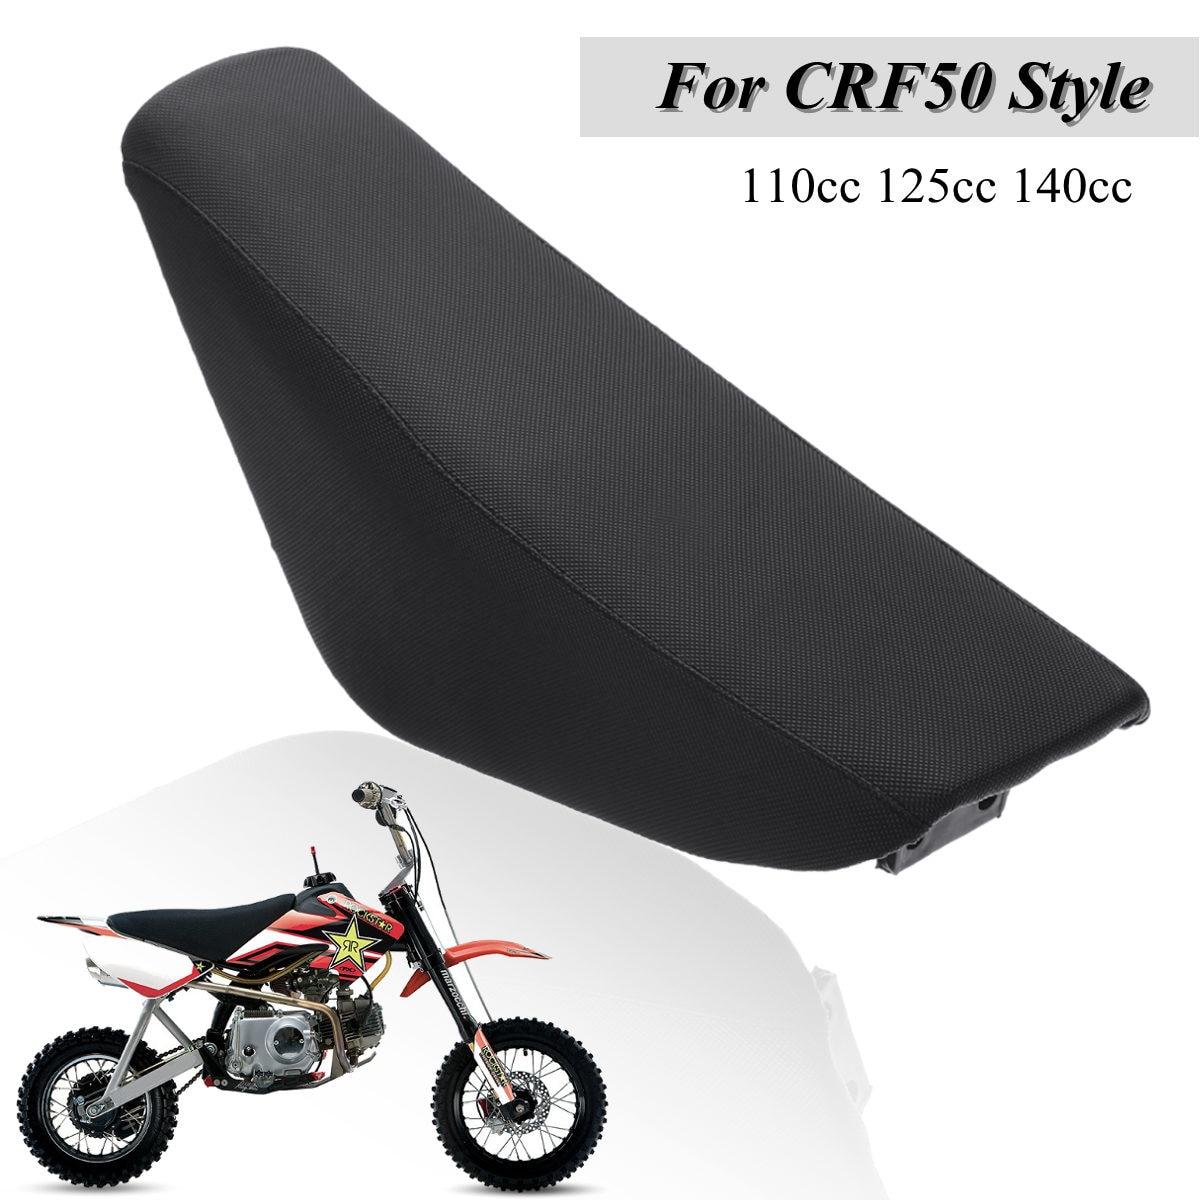 Black Flat Tall Seat For Xr50 Crf50 Xr 50 Crf Sdg Ssr Pit Bike Thumpstar